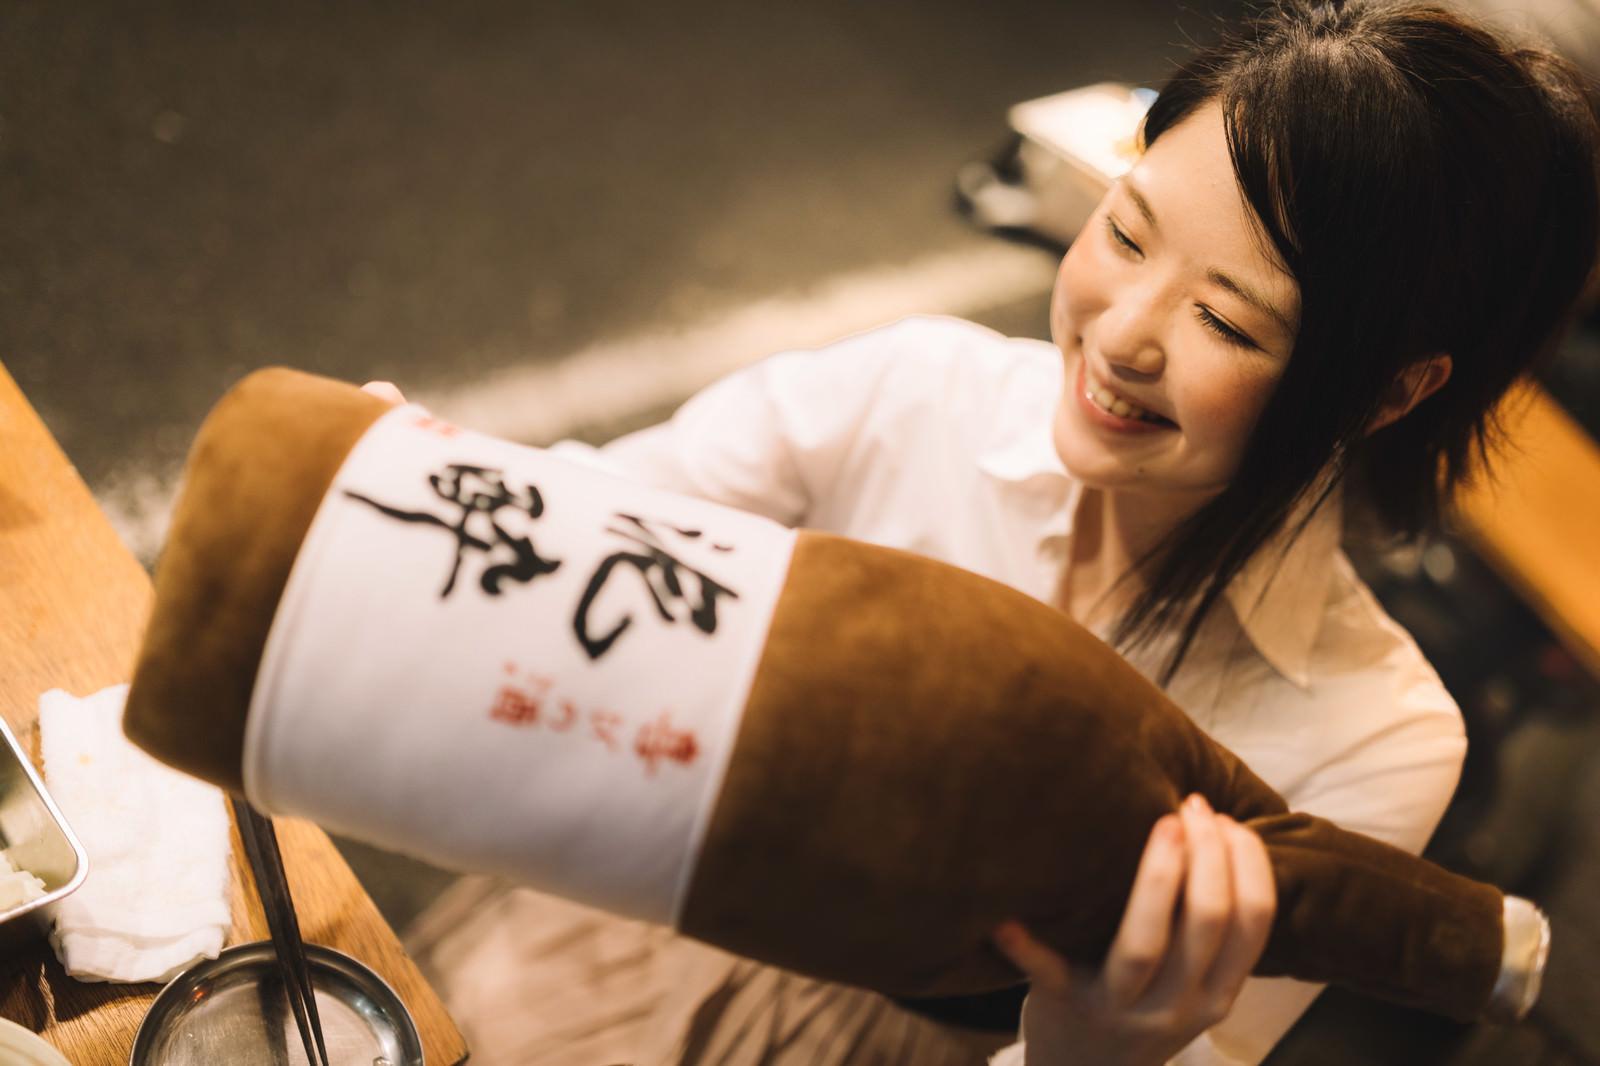 「「泥酔」と書かれた一升瓶の抱き枕をプレゼントされる女性「泥酔」と書かれた一升瓶の抱き枕をプレゼントされる女性」[モデル:シマヅ]のフリー写真素材を拡大